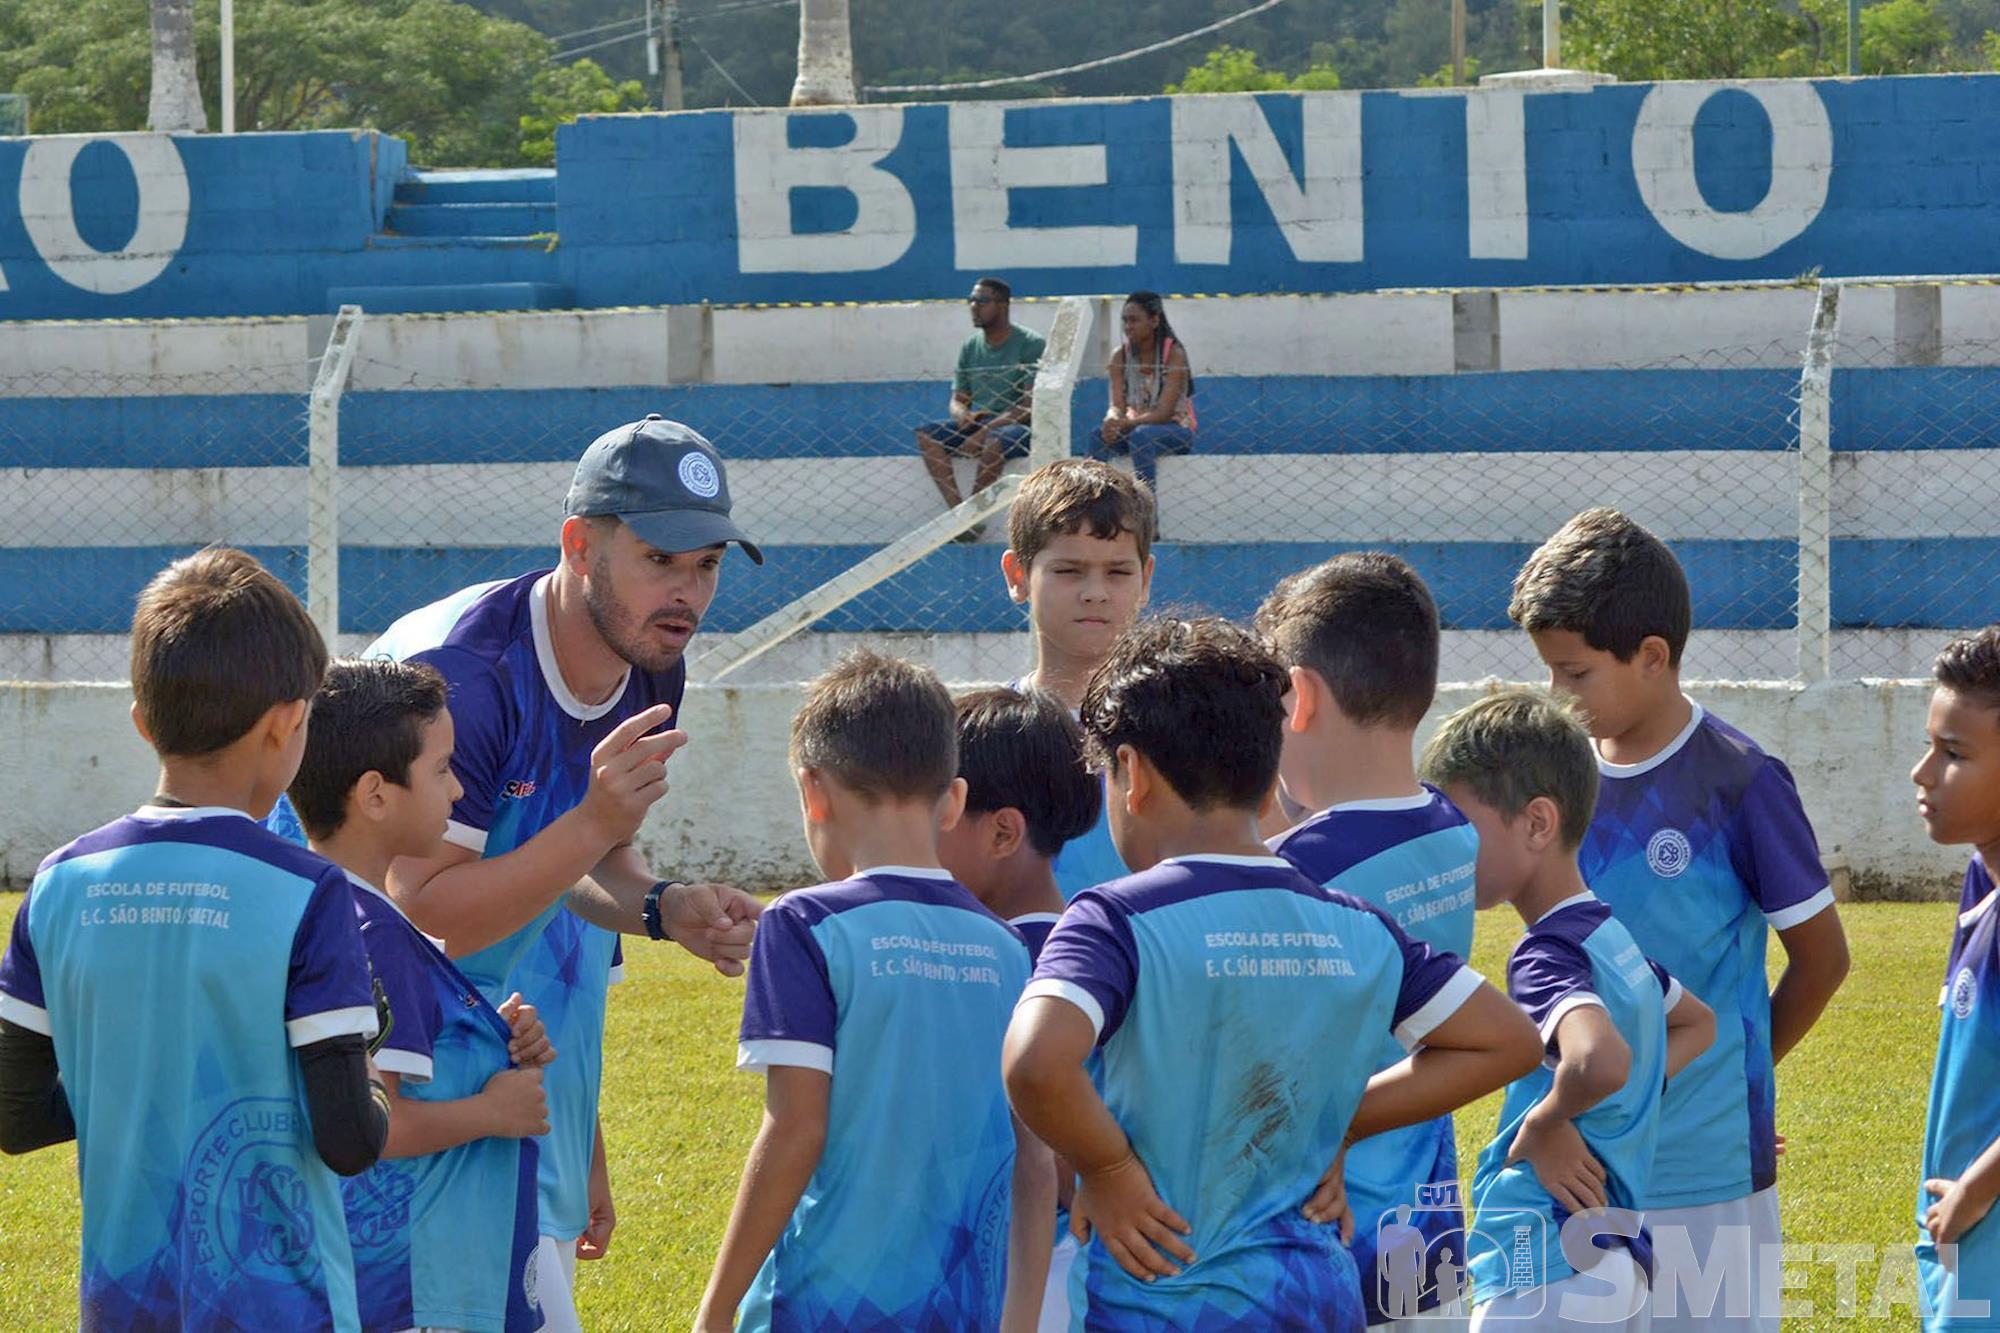 Amistoso Escolinha do São Bento x Corinthians Chute Inicial, são bento,  escolinha,  amistoso, Foguinho/Imprensa SMetal, Escolinha do São Bento teve amistoso no final de semana; veja as fotos